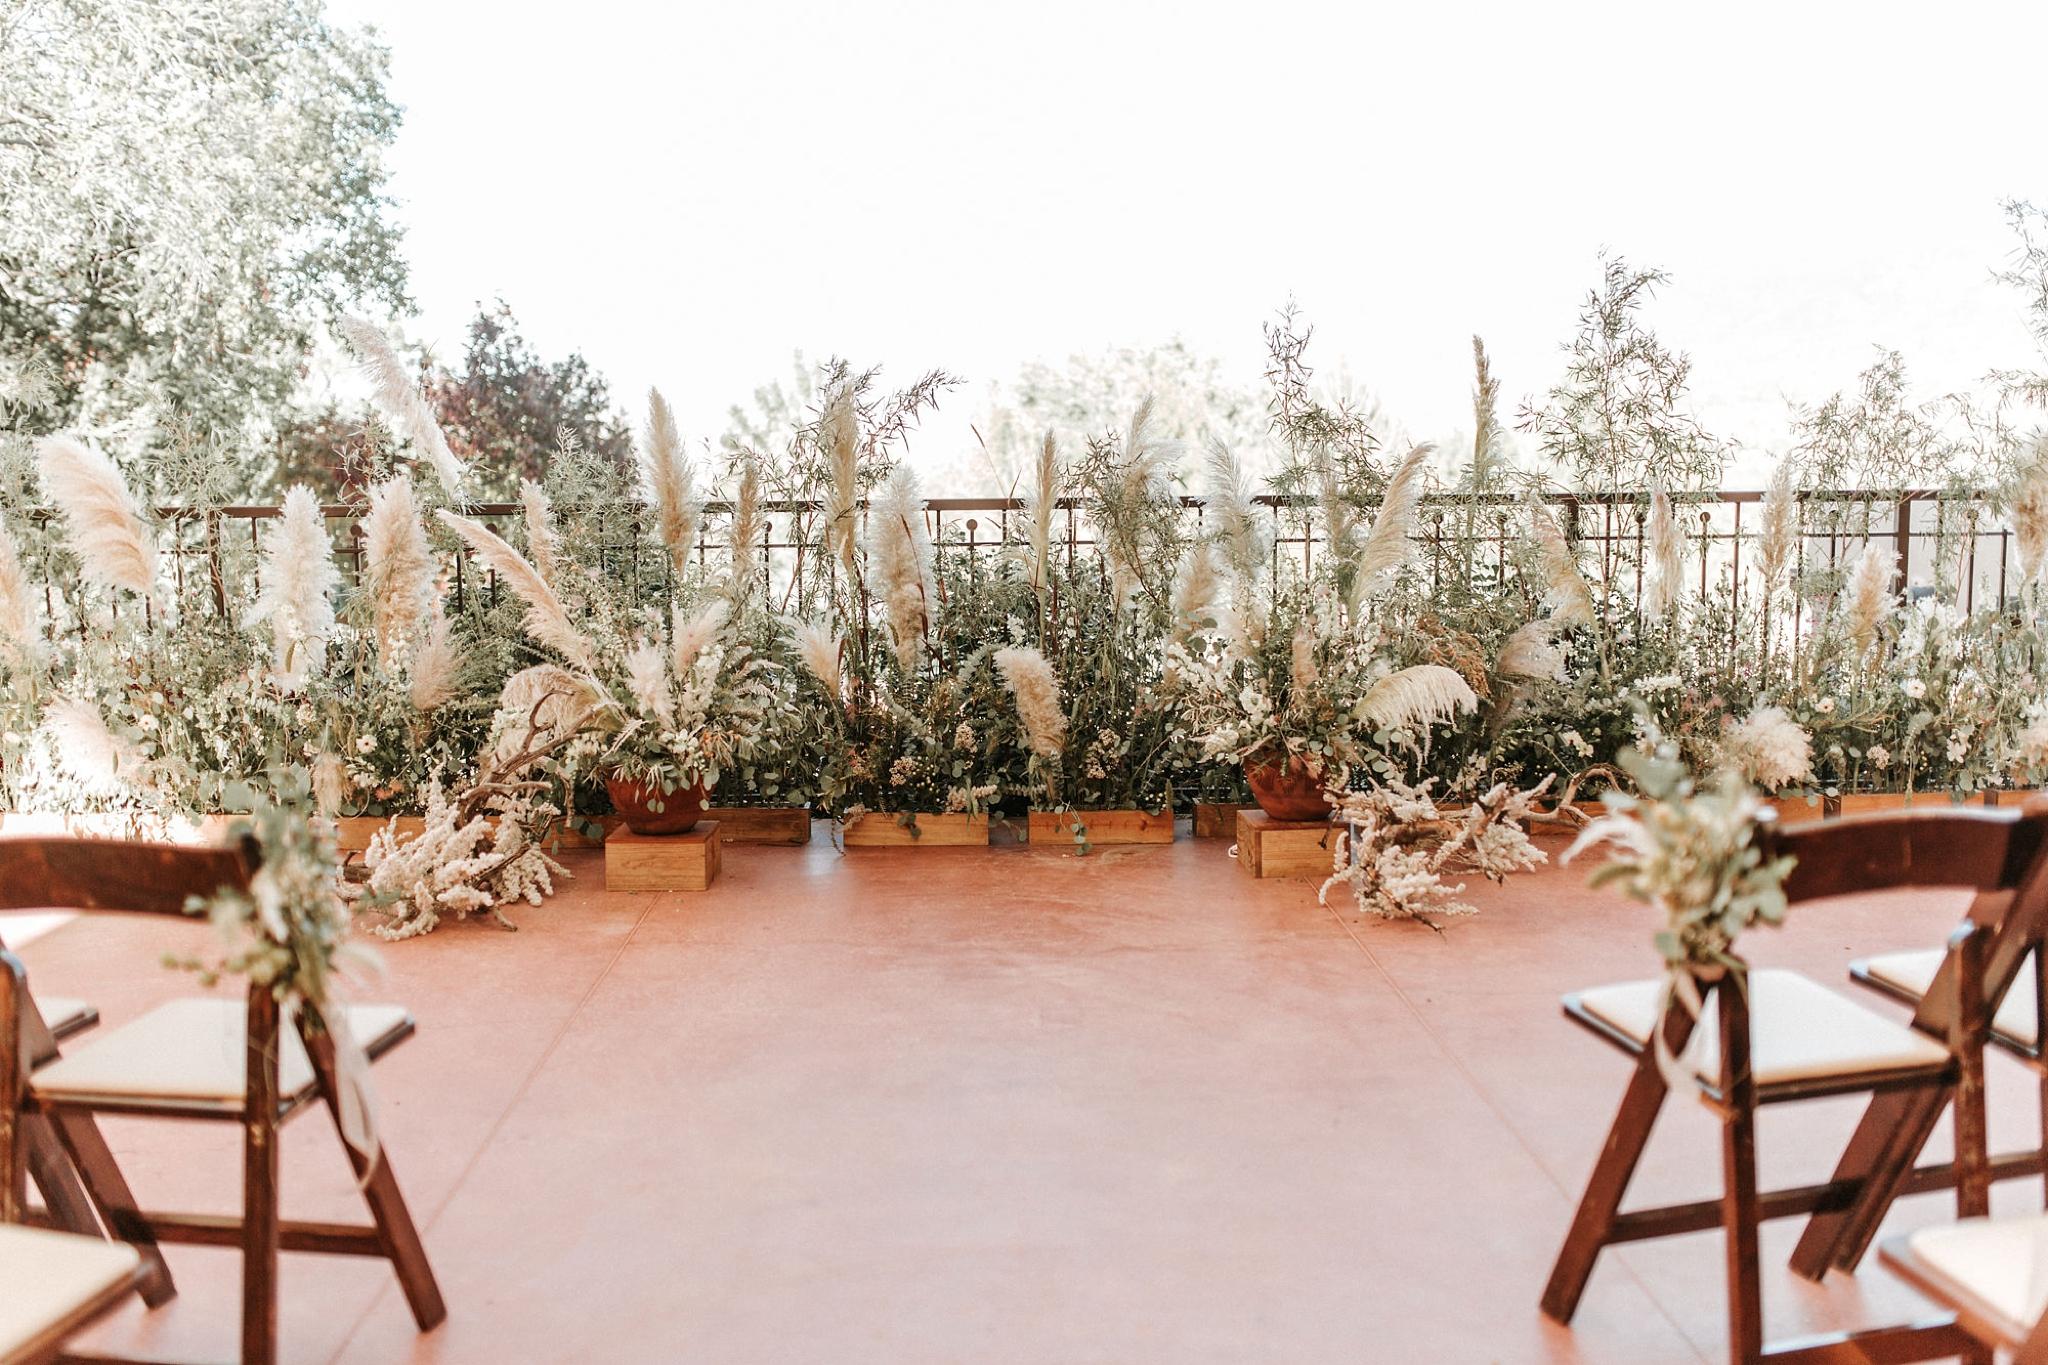 Alicia+lucia+photography+-+albuquerque+wedding+photographer+-+santa+fe+wedding+photography+-+new+mexico+wedding+photographer+-+new+mexico+wedding+-+new+mexico+wedding+-+wedding+florals+-+desert+wedding+-+wedding+trends_0033.jpg